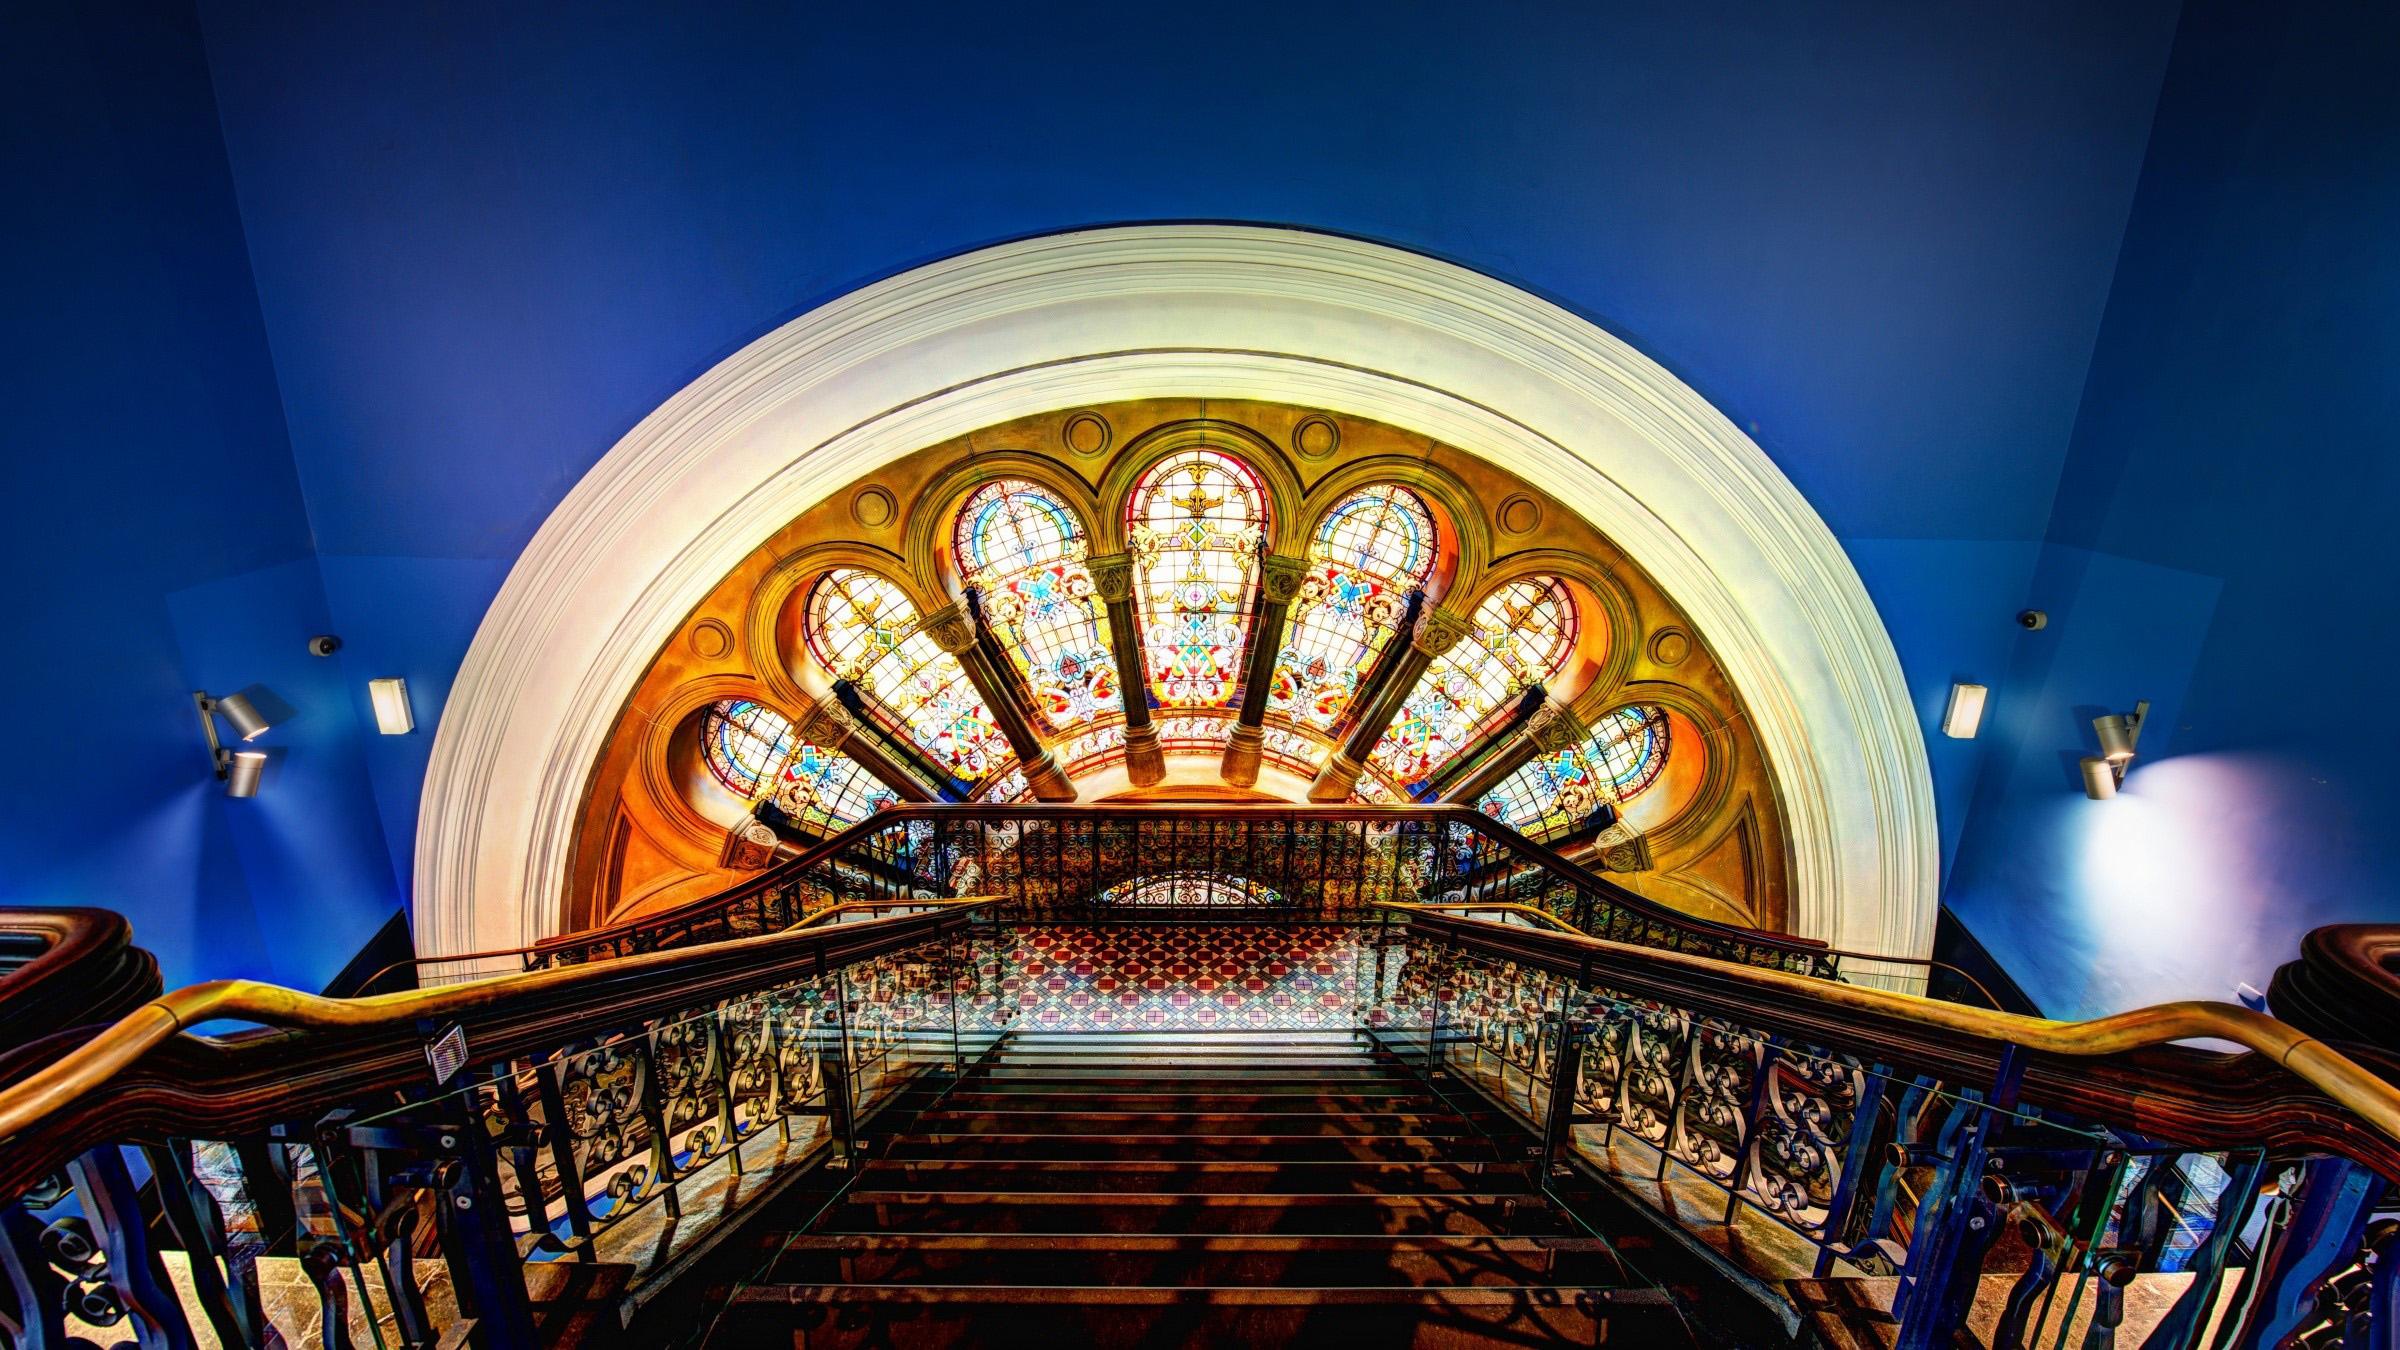 Fondo de pantalla de El Queen Victoria Building por dentro Imágenes